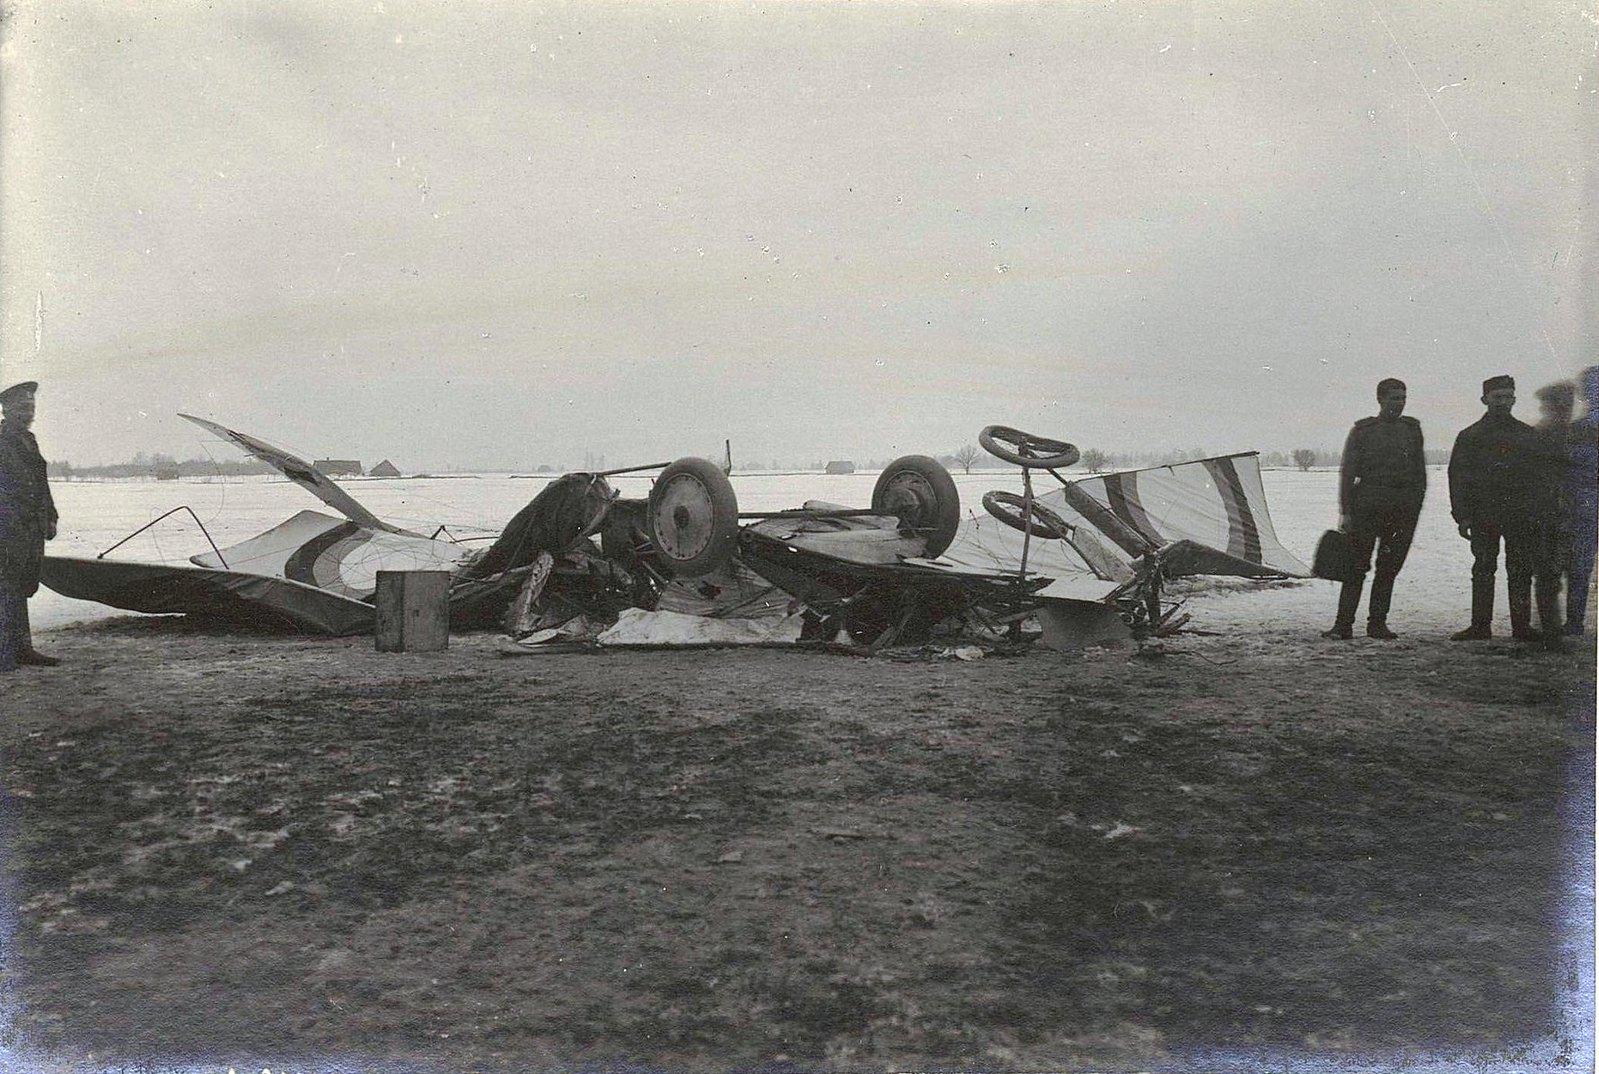 Разбившийся аэроплан в поле